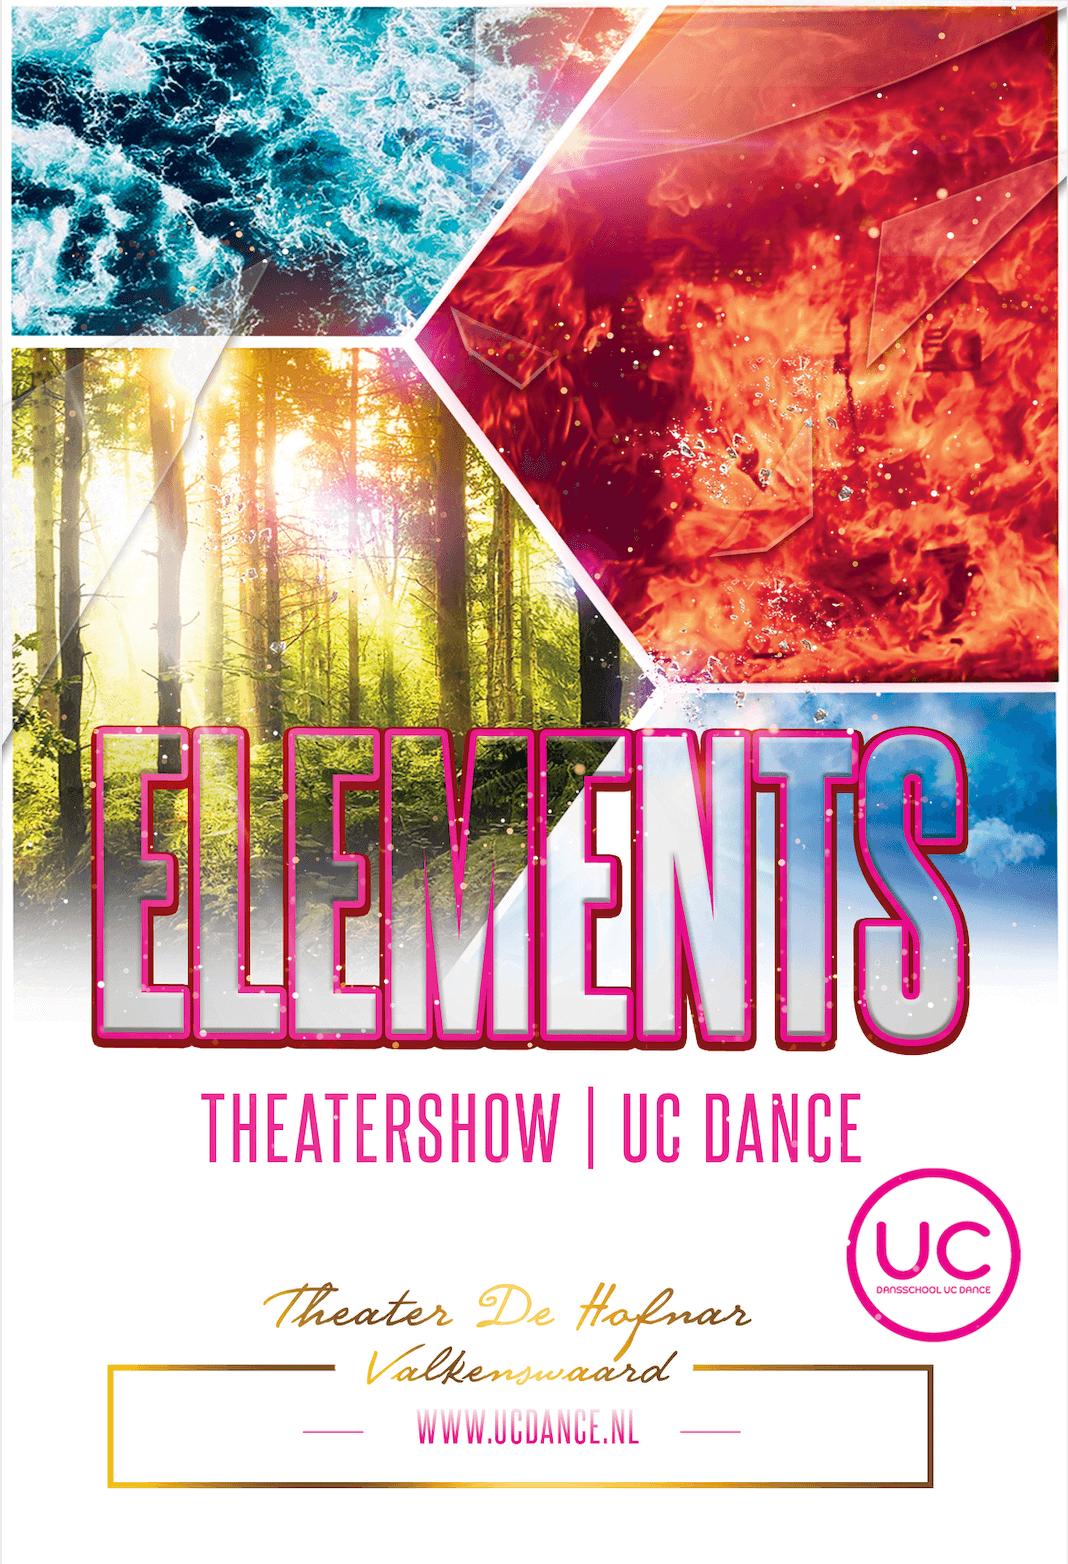 Theatershow Elements UC Dance dansschool